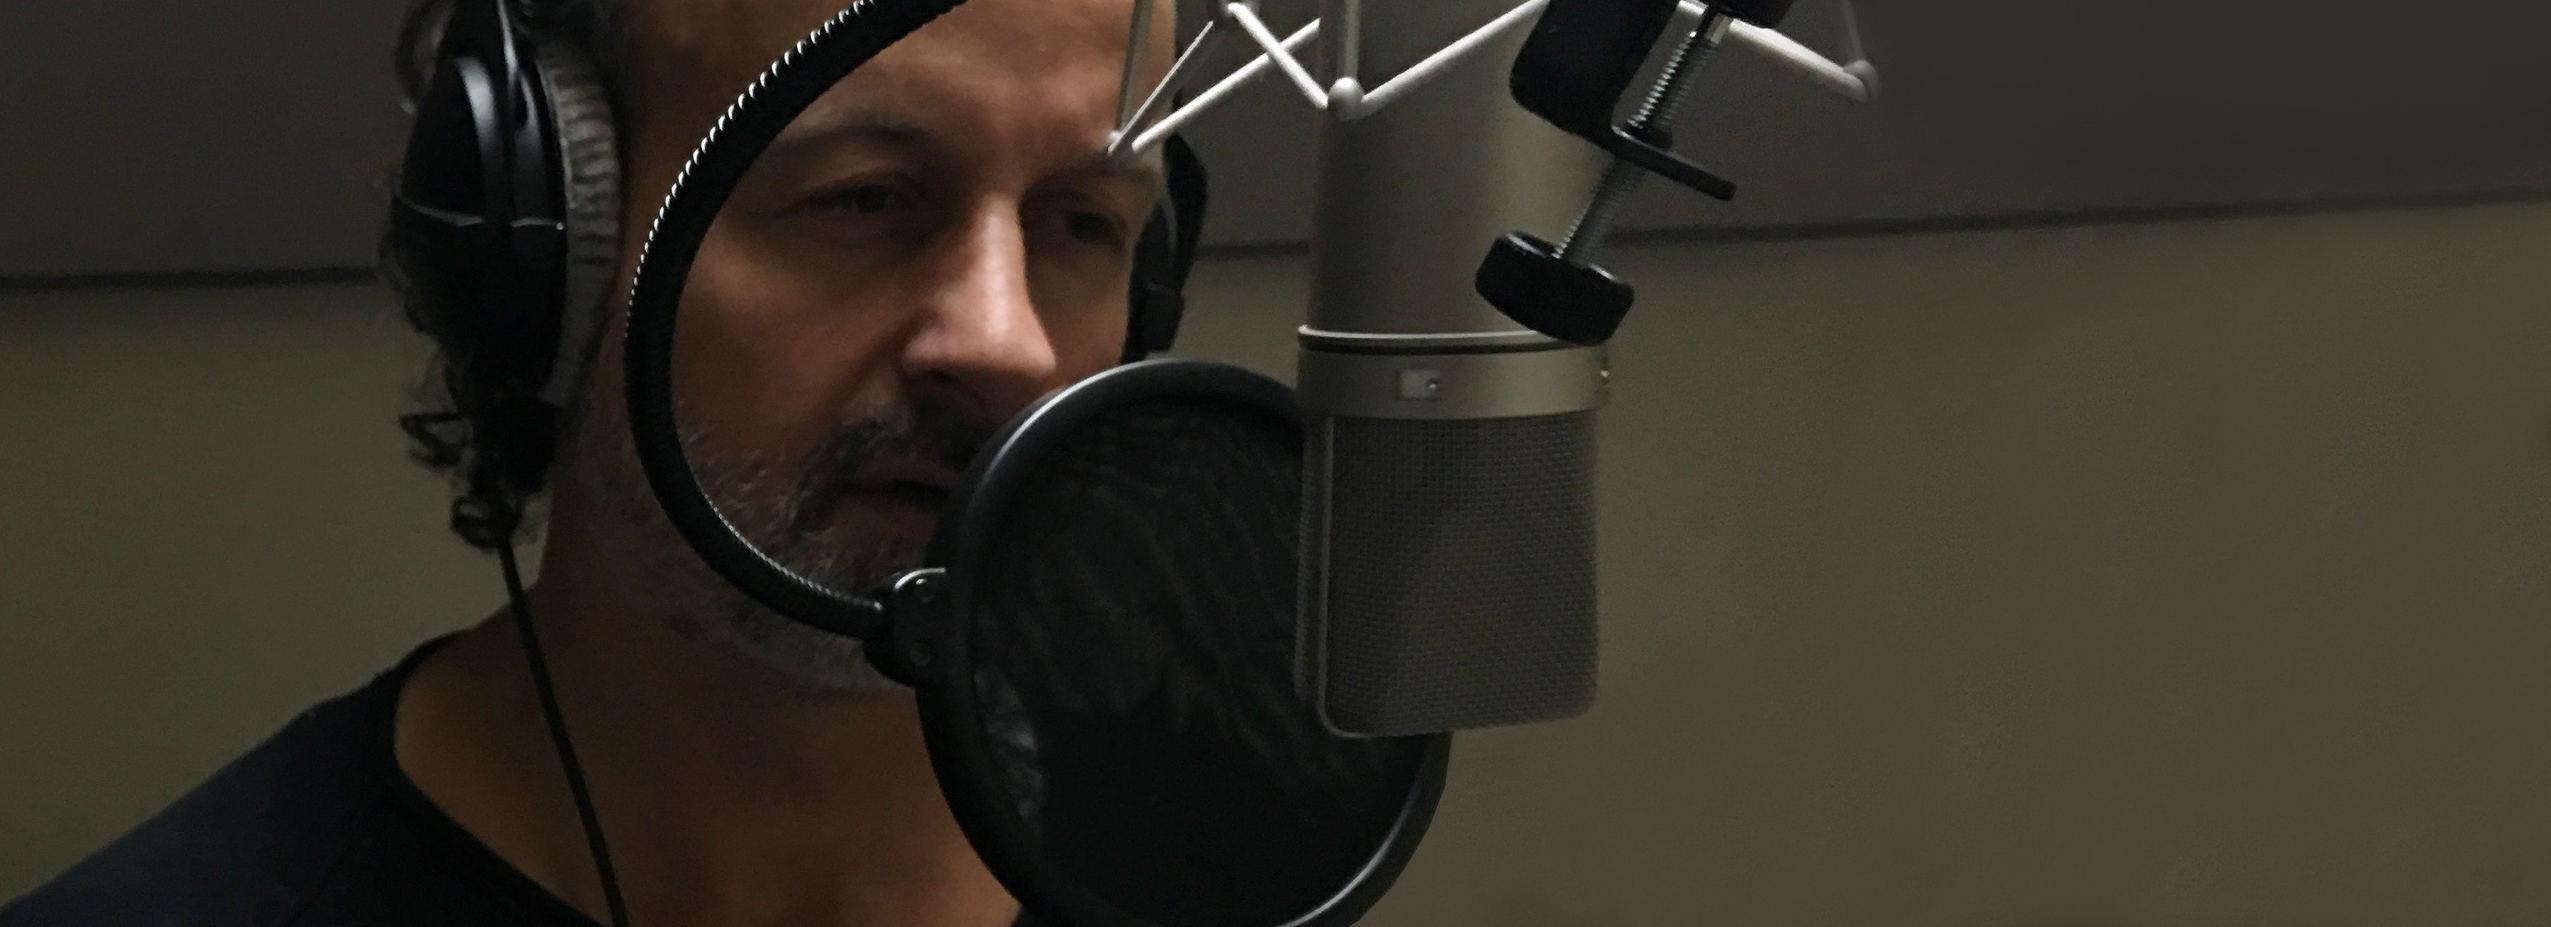 Jan Wentz - Voice-Over artist